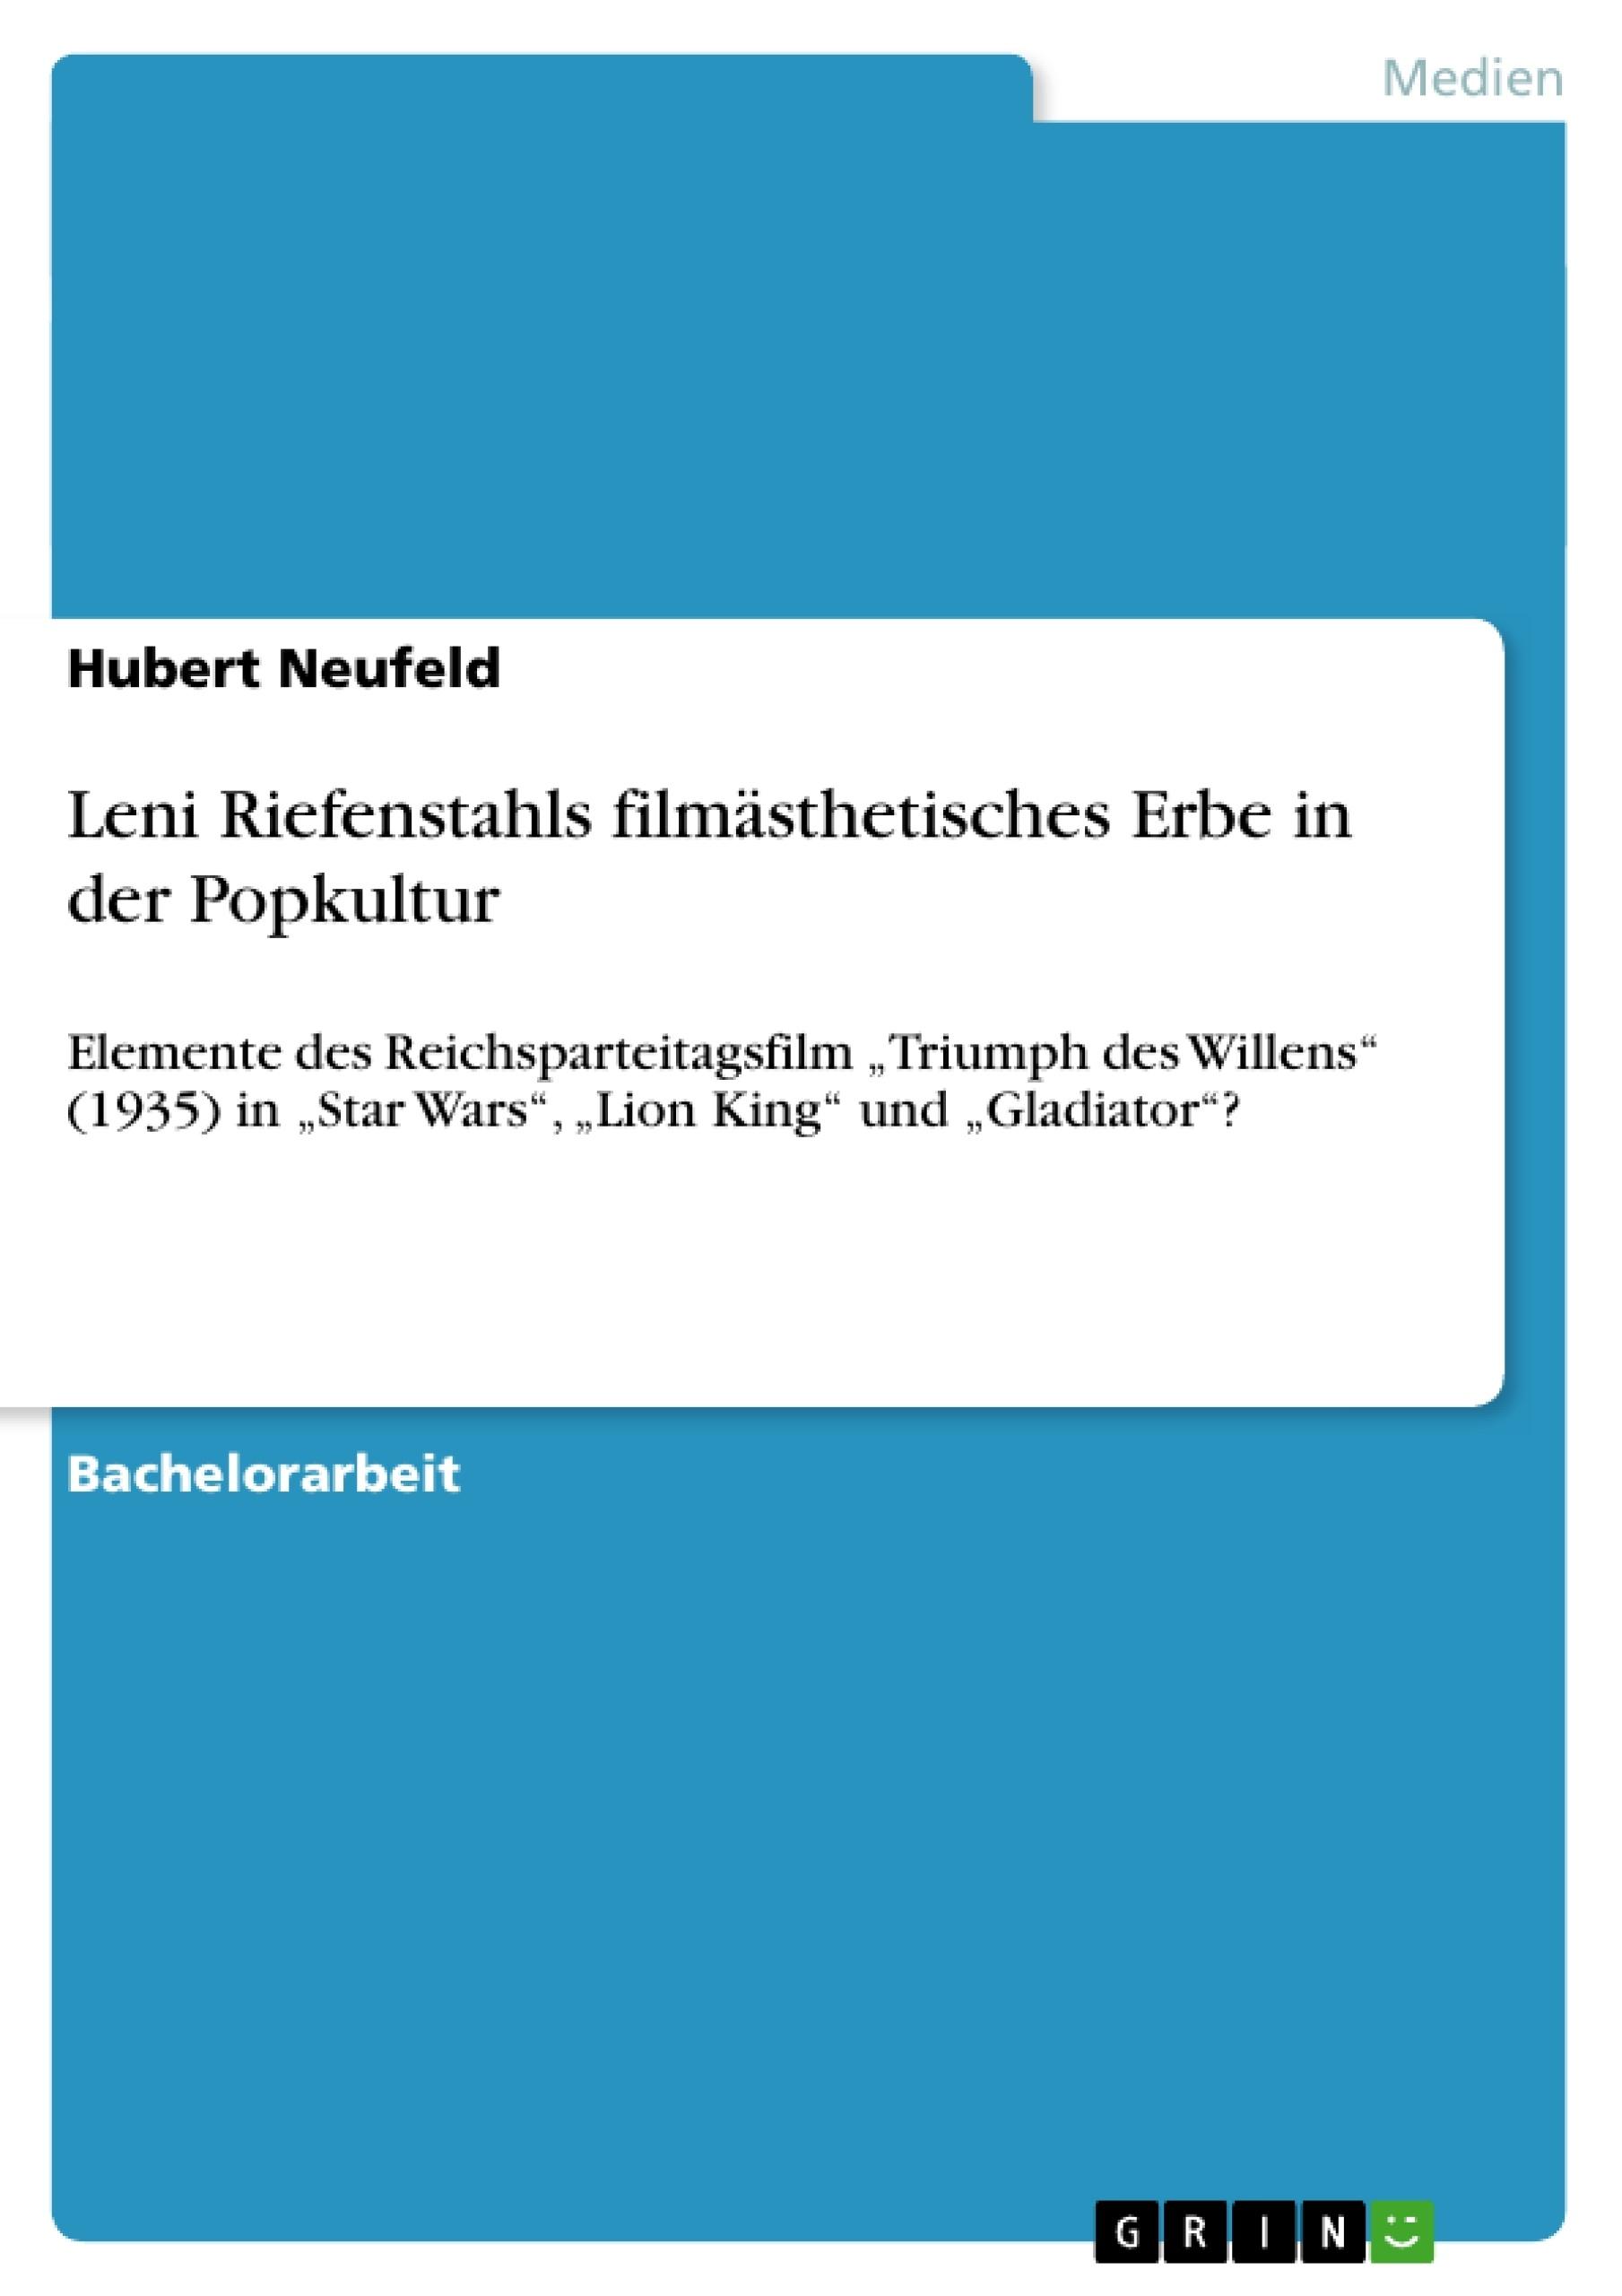 Titel: Leni Riefenstahls filmästhetisches Erbe in der Popkultur